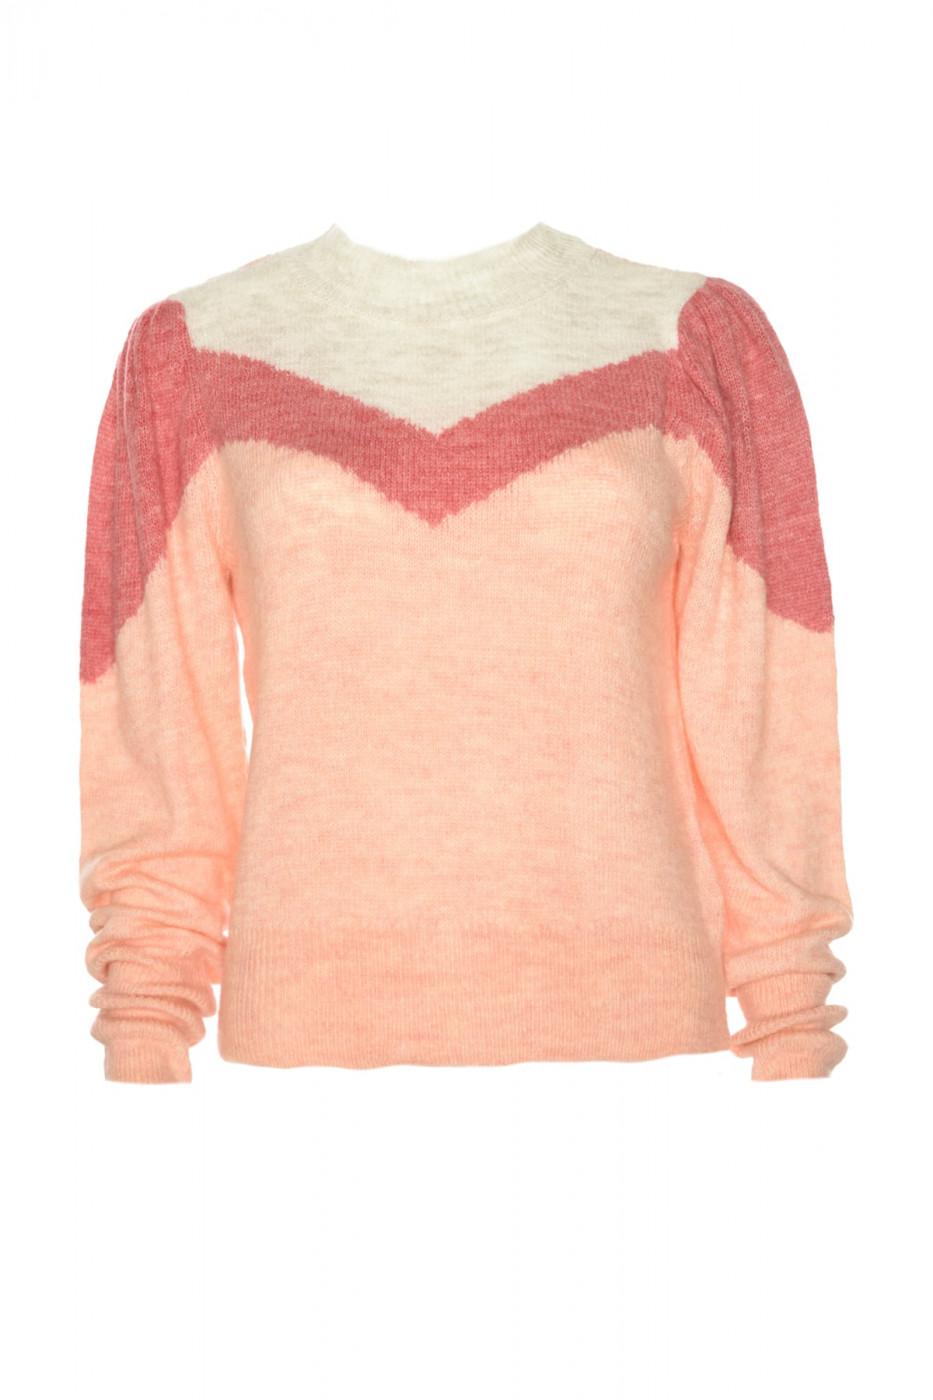 Trendyol Pomegranate Flower Block Detailed Knitwear Sweater